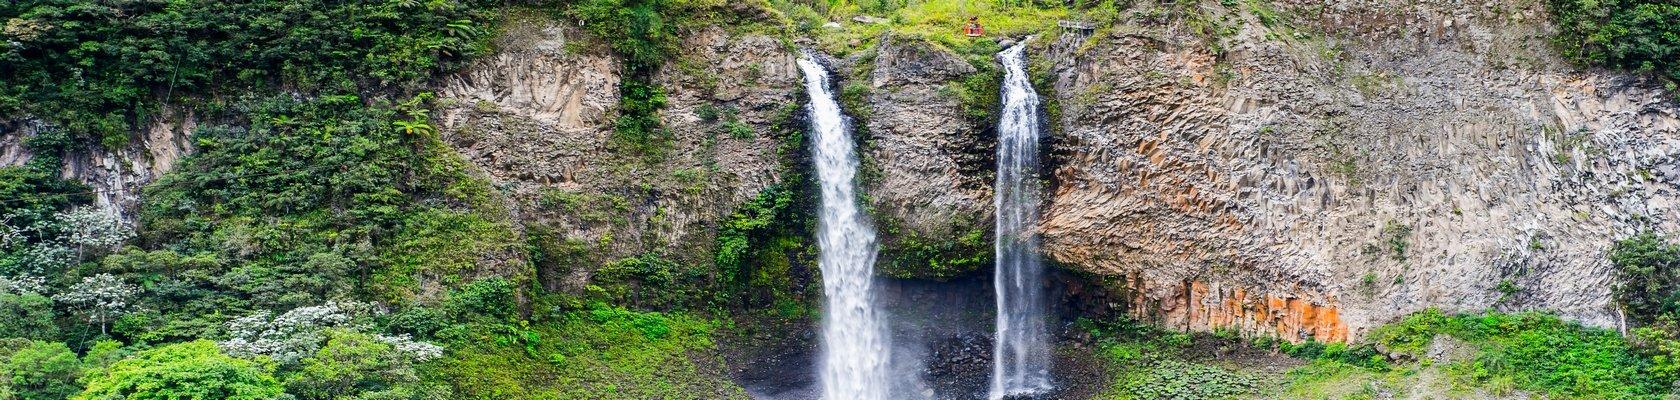 Rit over de route van de watervallen